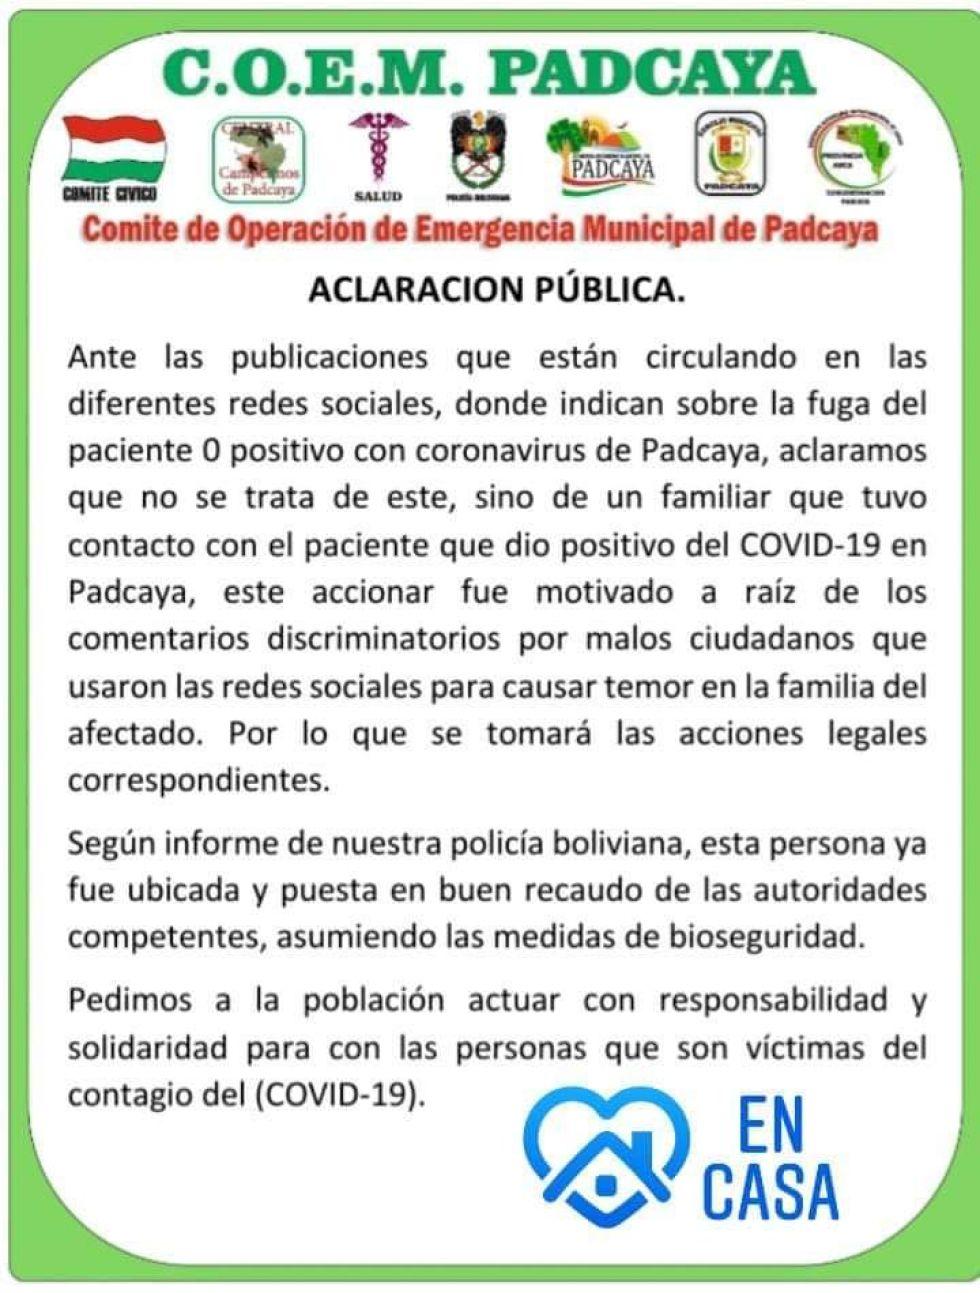 El comunicado del COEM Padcaya.